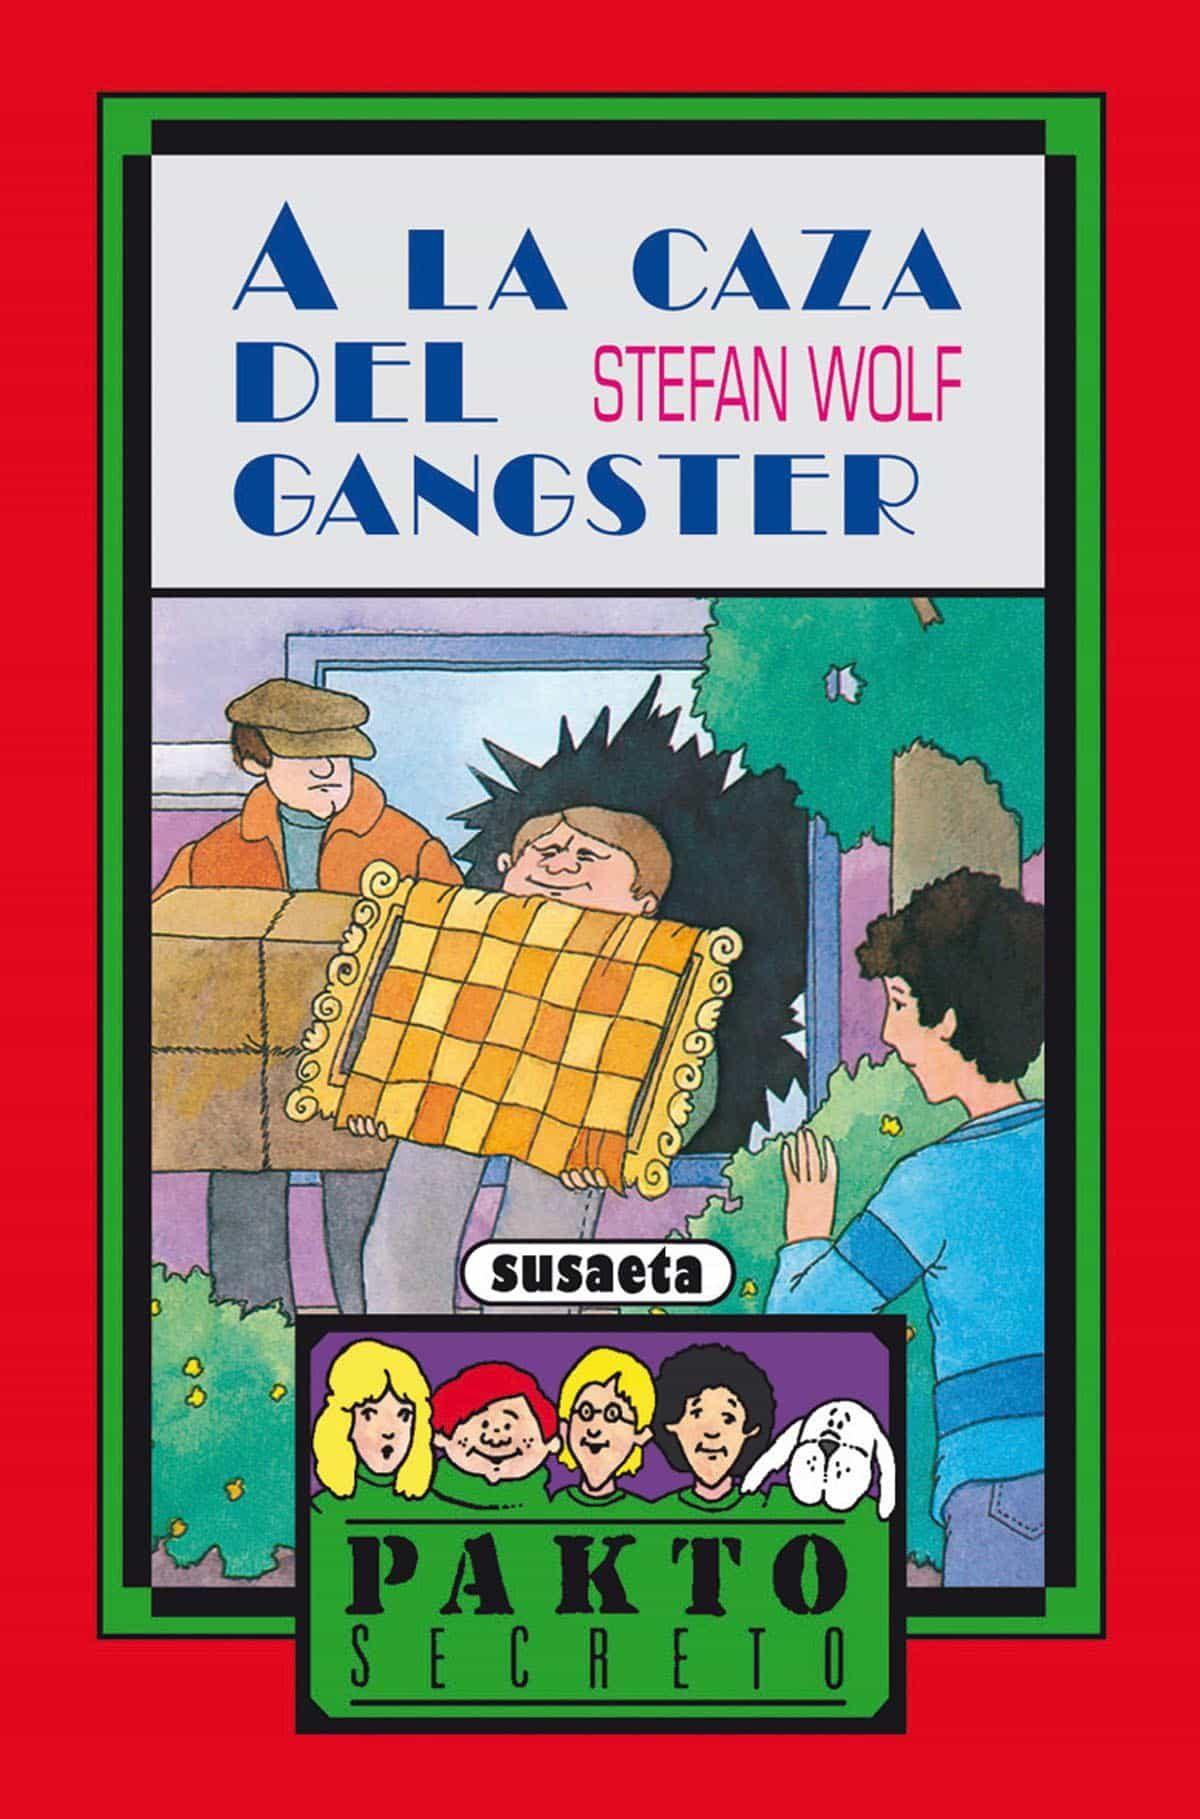 A La Caza Del Gangster por Vv.aa.